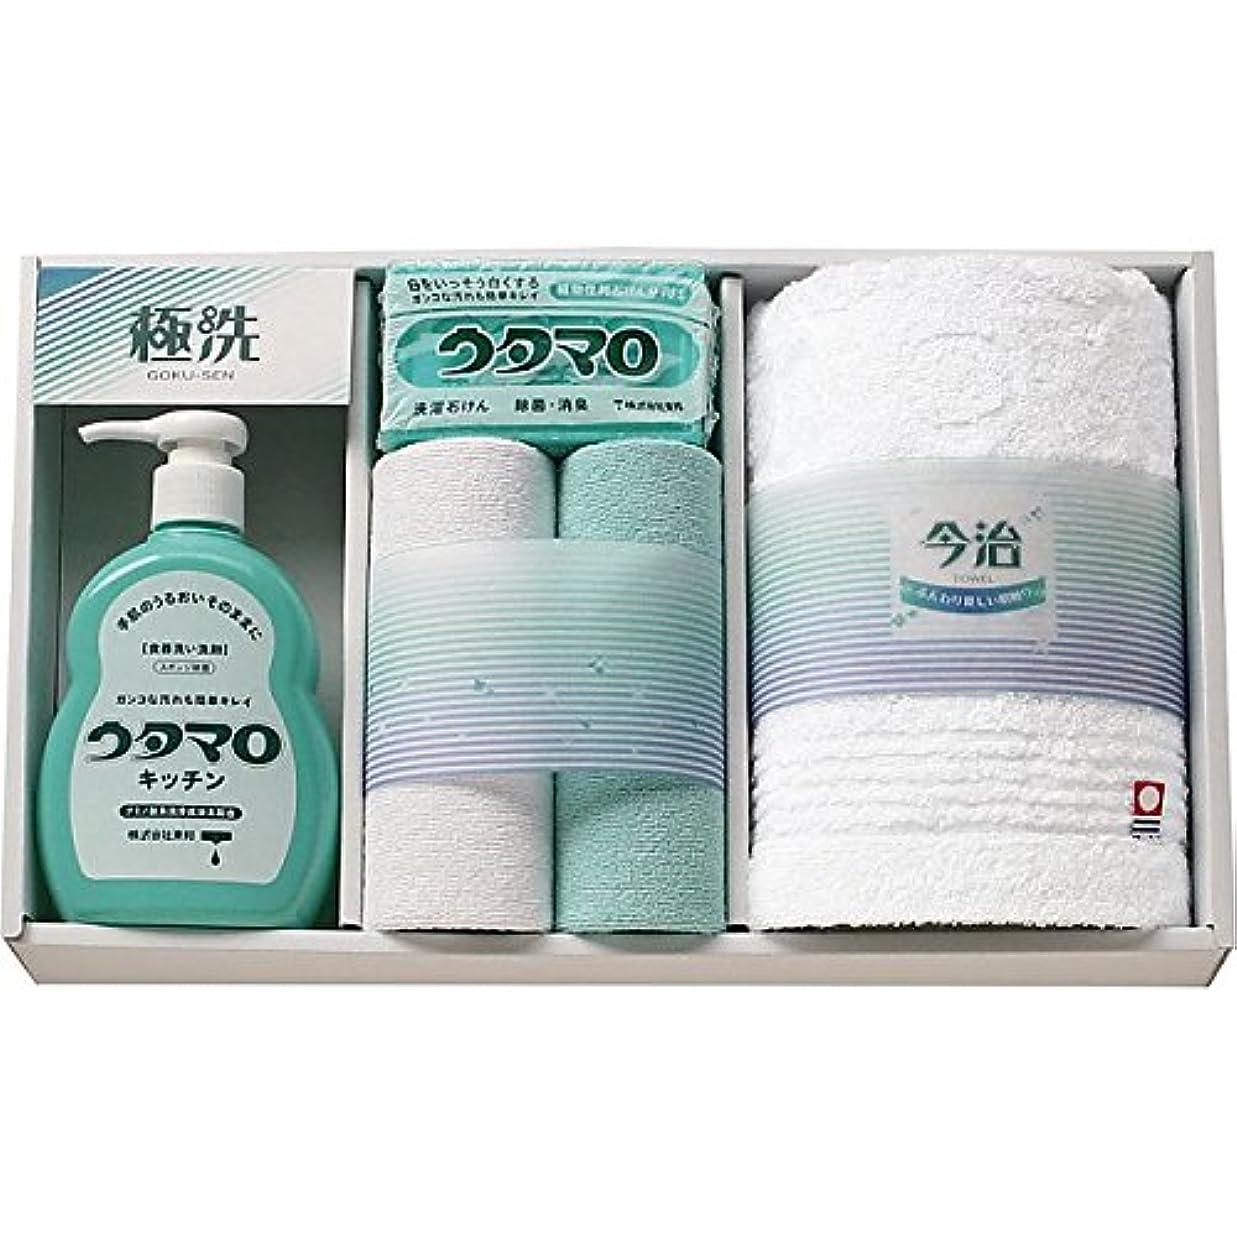 出身地乏しい飛行機( ウタマロ ) 石鹸?キッチン洗剤ギフト ( 835-1055r )